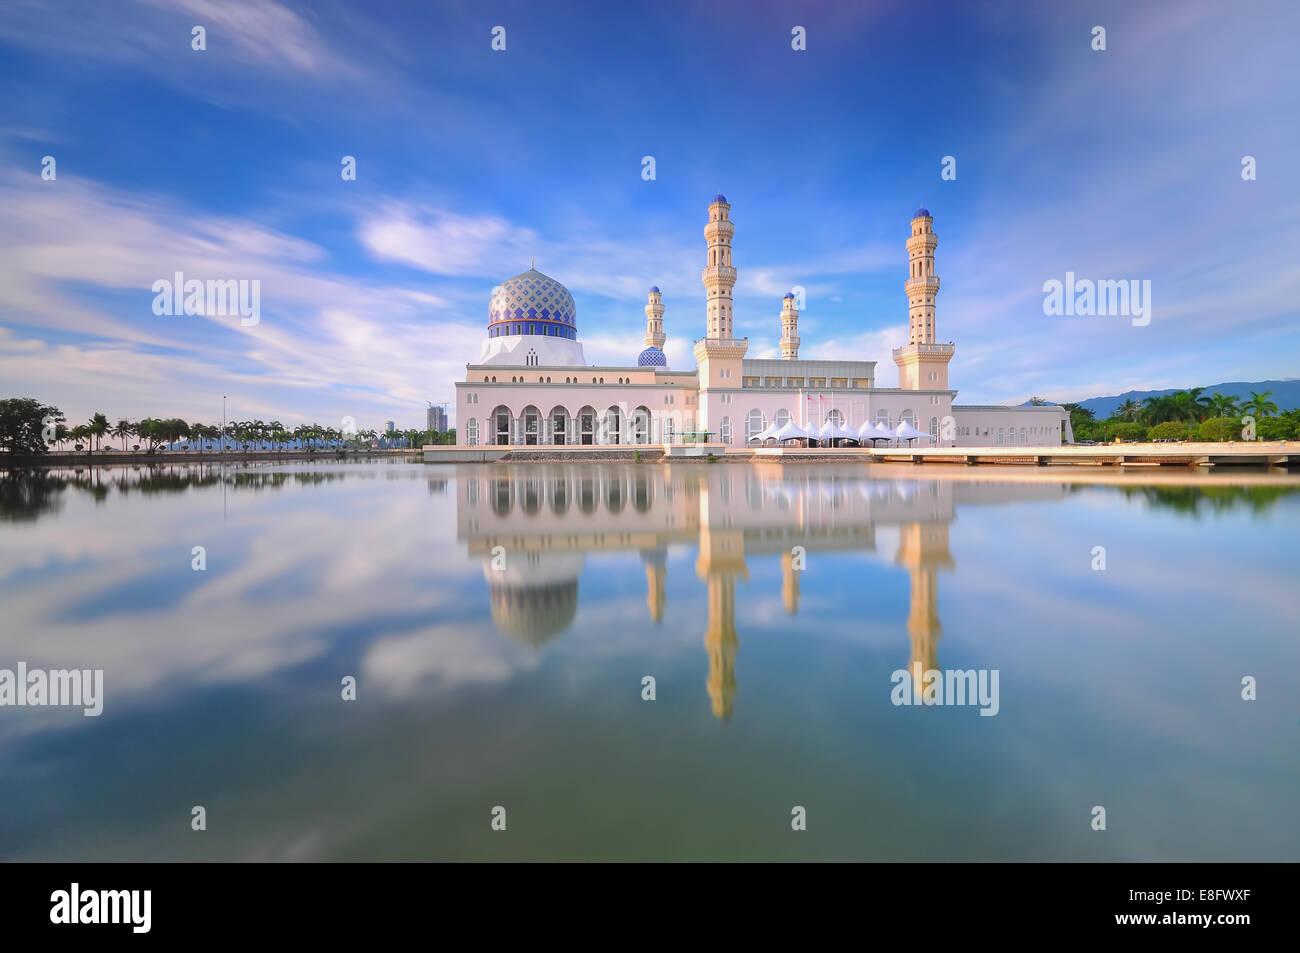 Malaysia, Sabah, Kota Kinabalu City Mosque - Stock Image